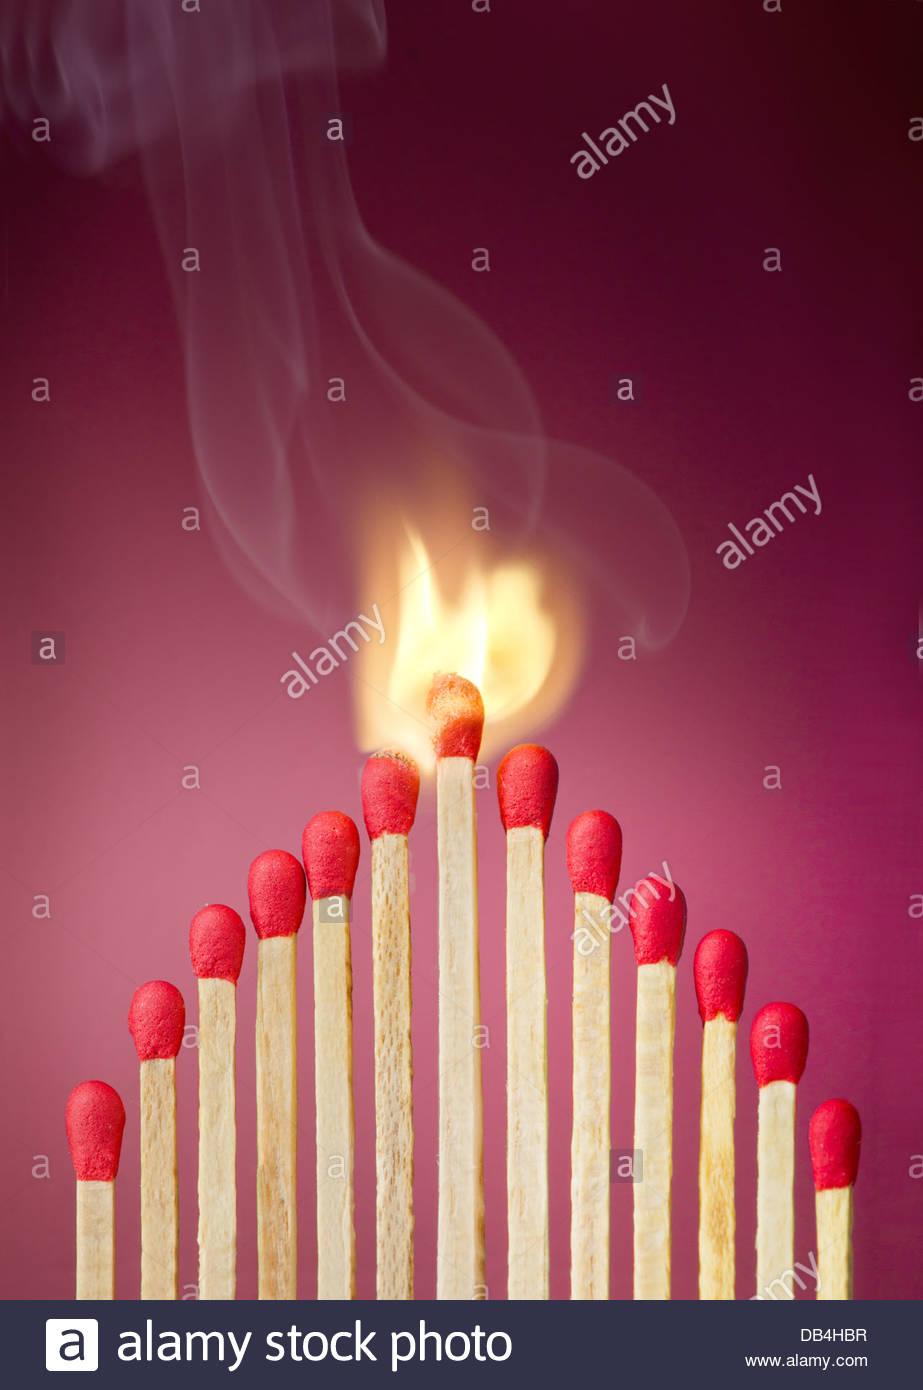 La masterizzazione corrisponde all'impostazione fuoco ai suoi vicini una metafora per idee e ispirazione Immagini Stock